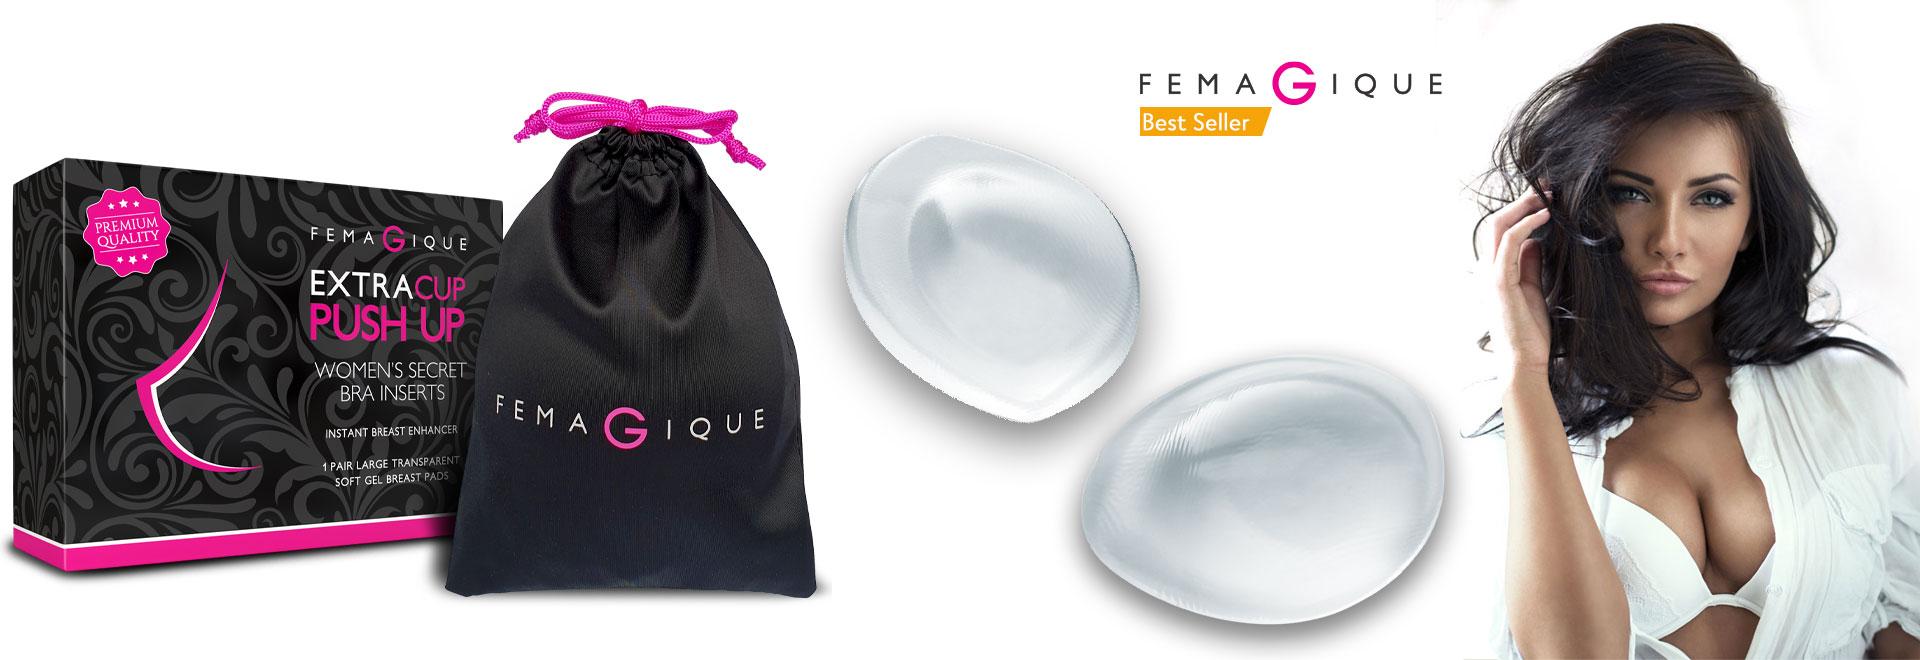 Femagique silicone bra inserts